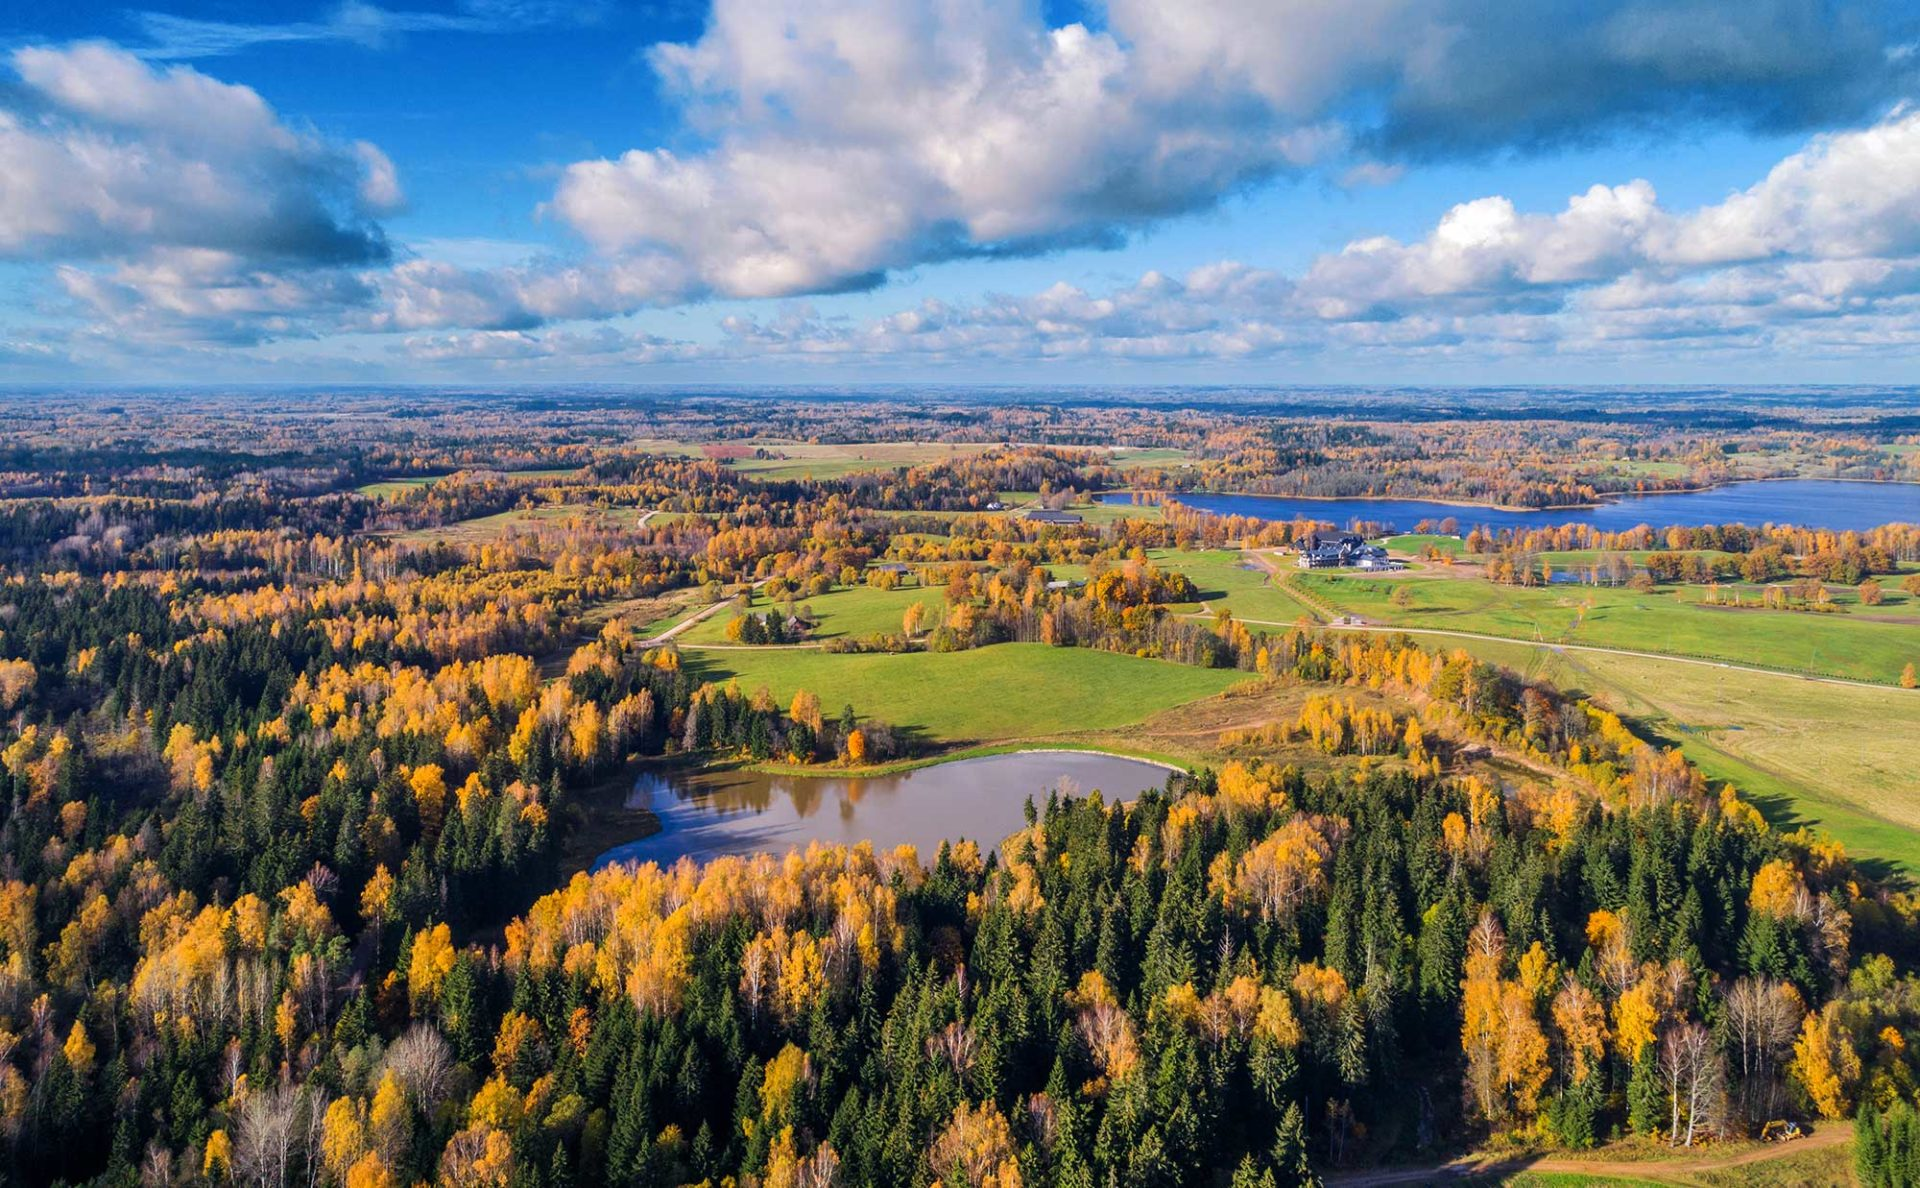 Vidzeme Letland